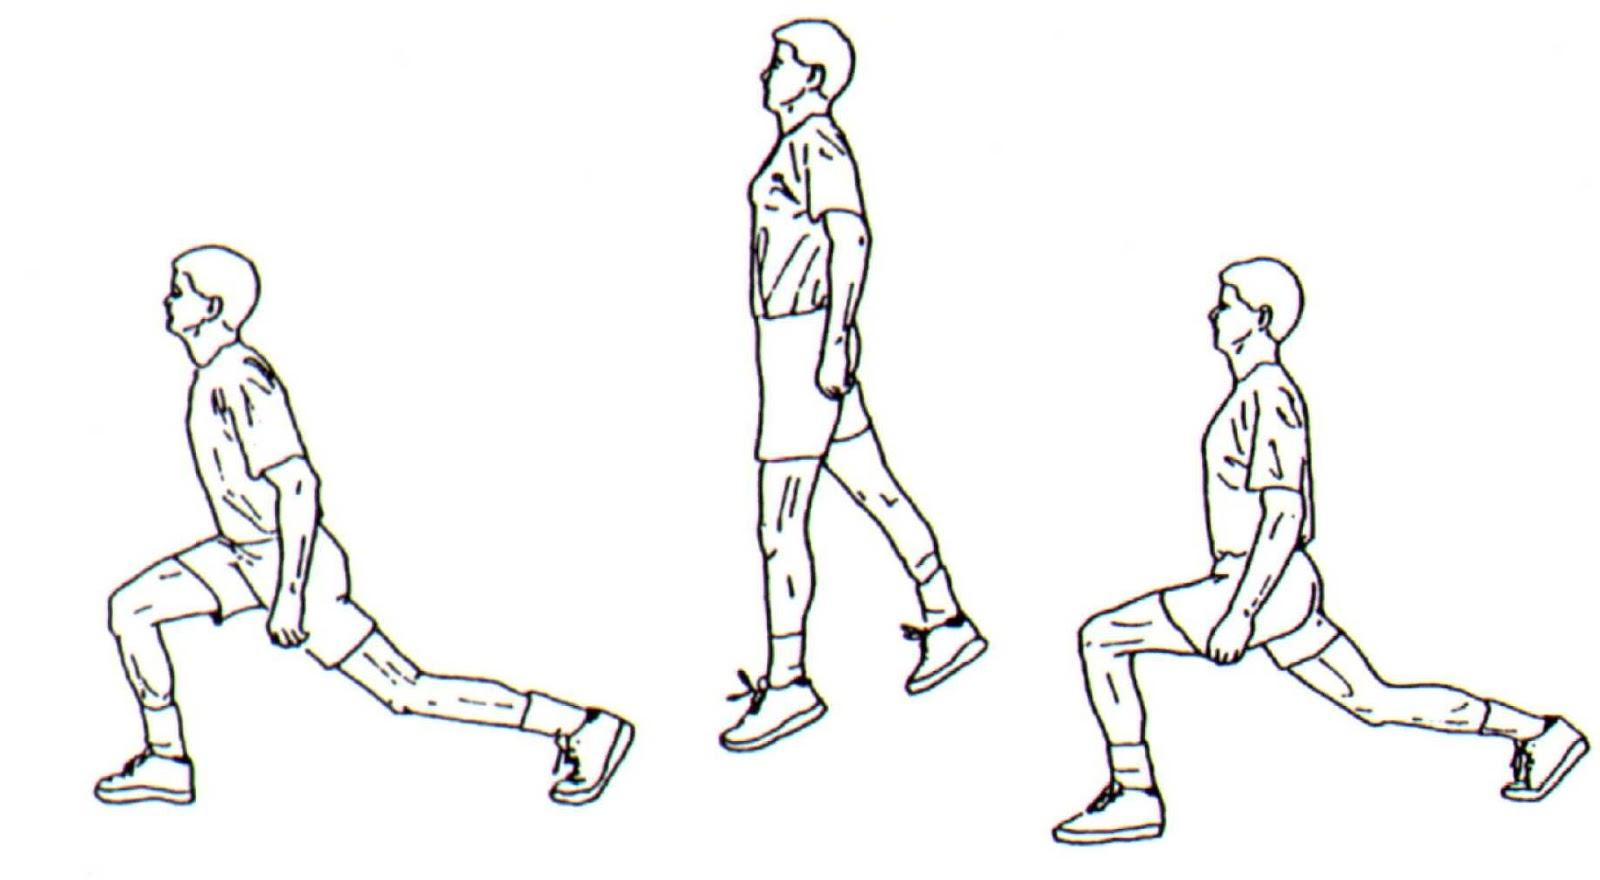 Evde Yapabileceğiniz Göbek Eritme Hareketleri - Jump Lunges